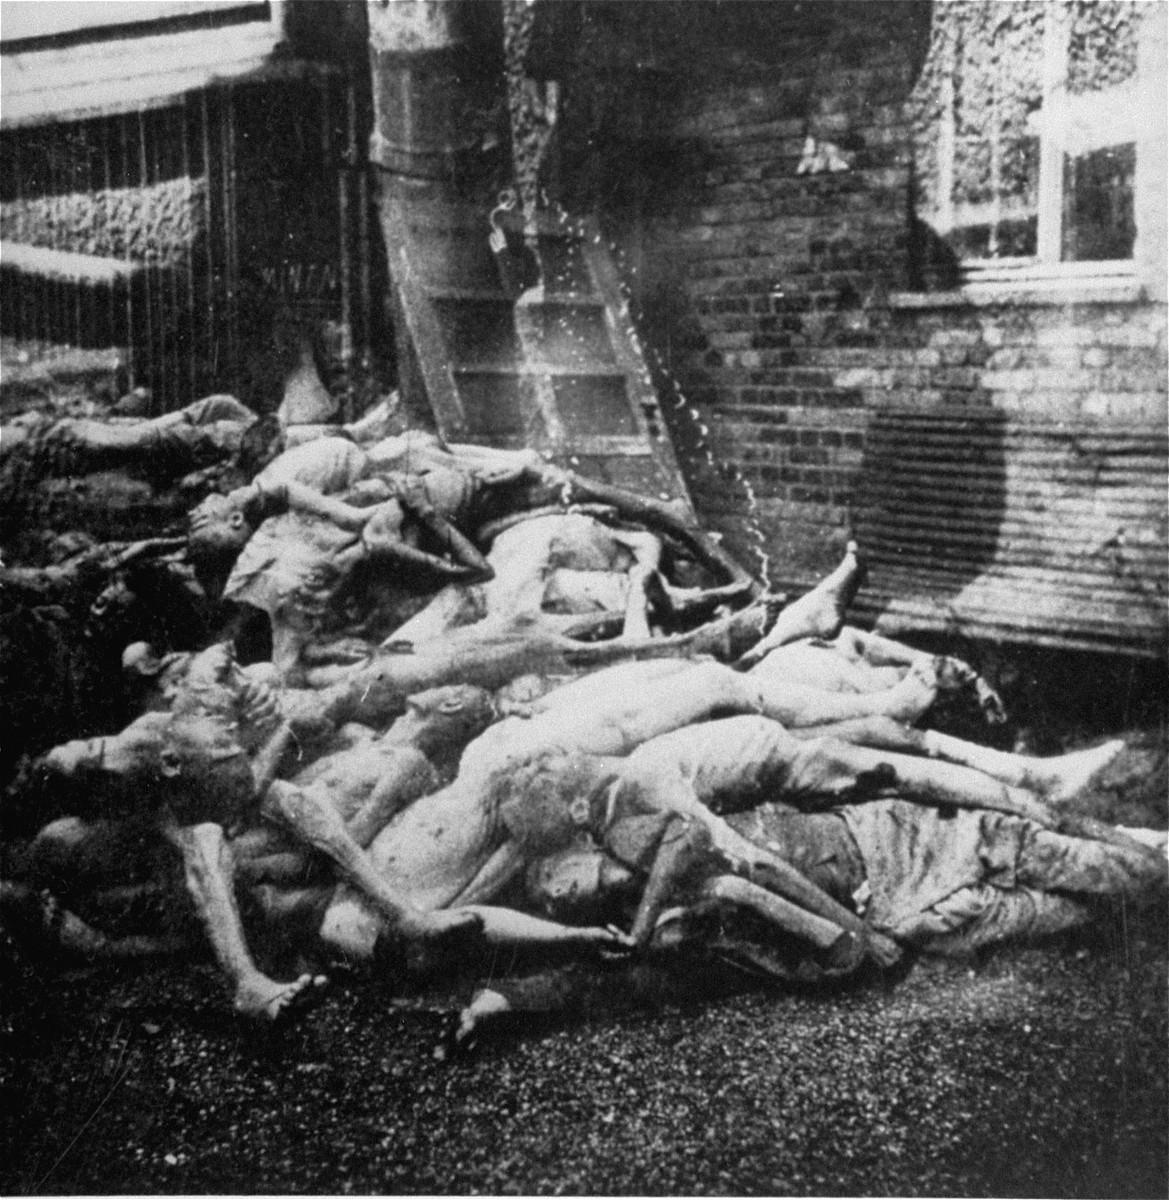 Corpses in Dachau piled behind the crematorium.